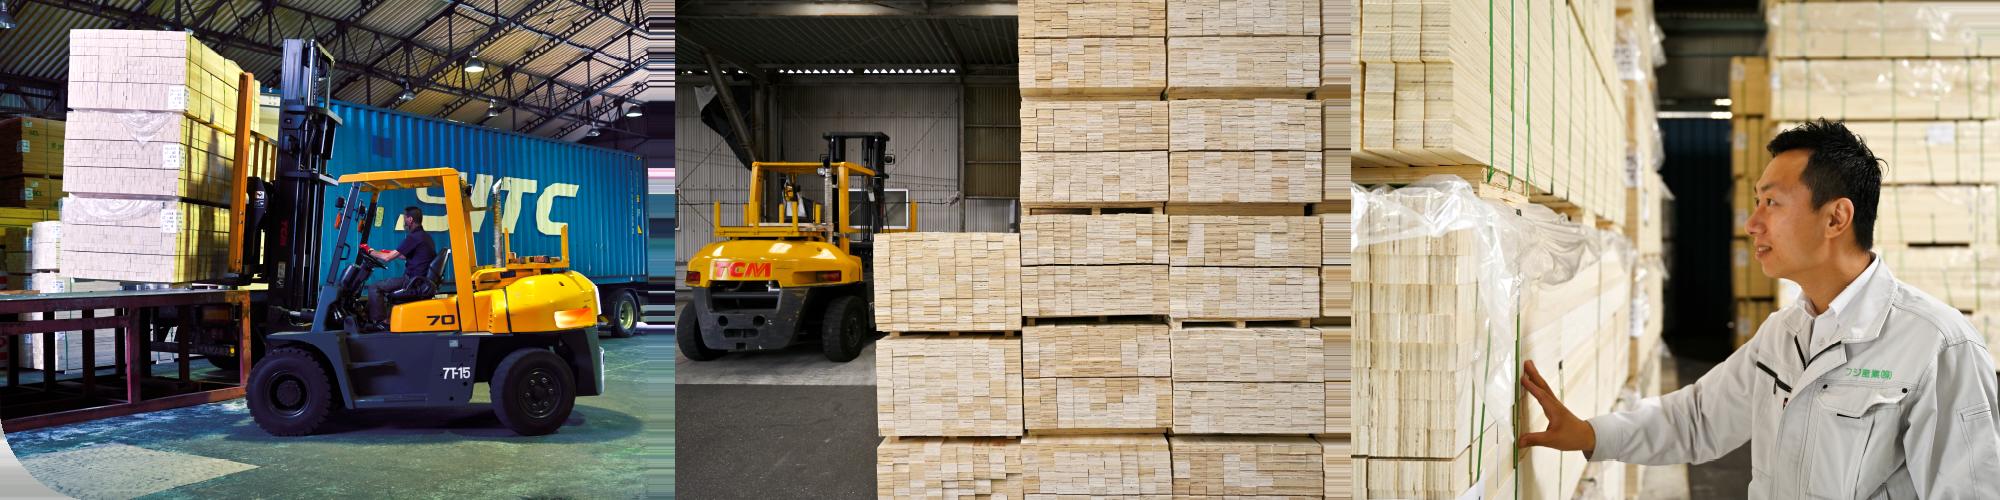 2.商品の入荷・積荷の確認イメージ